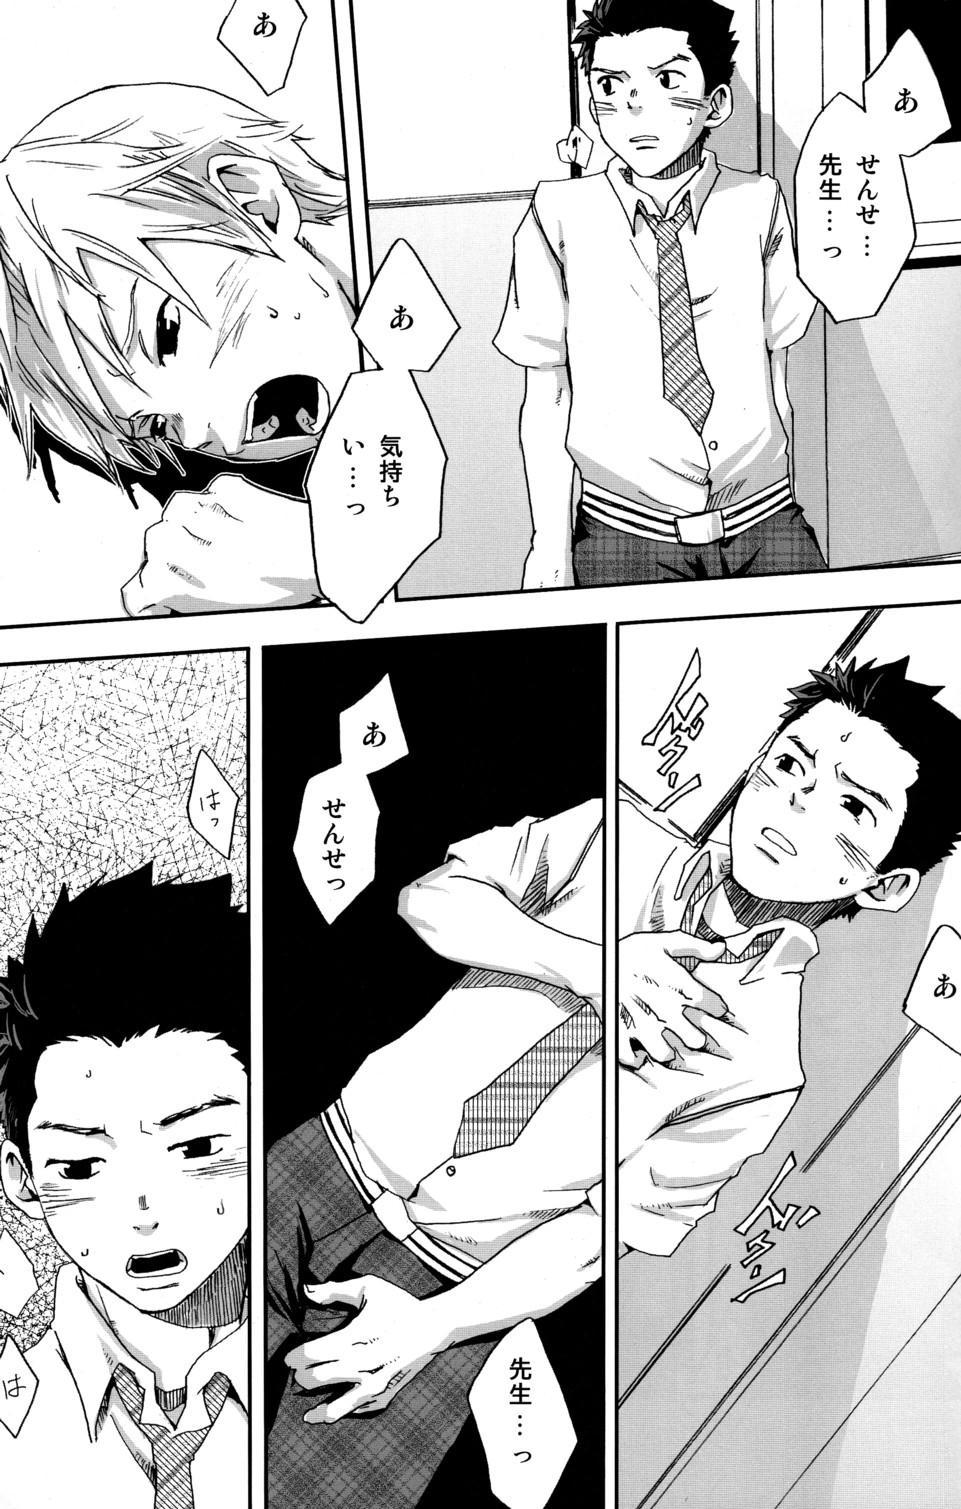 (C78) [Box (Tsukumo Gou)] 【19号(つくも号)】そう言って君は笑うSou Itte Kimi wa Warau 10